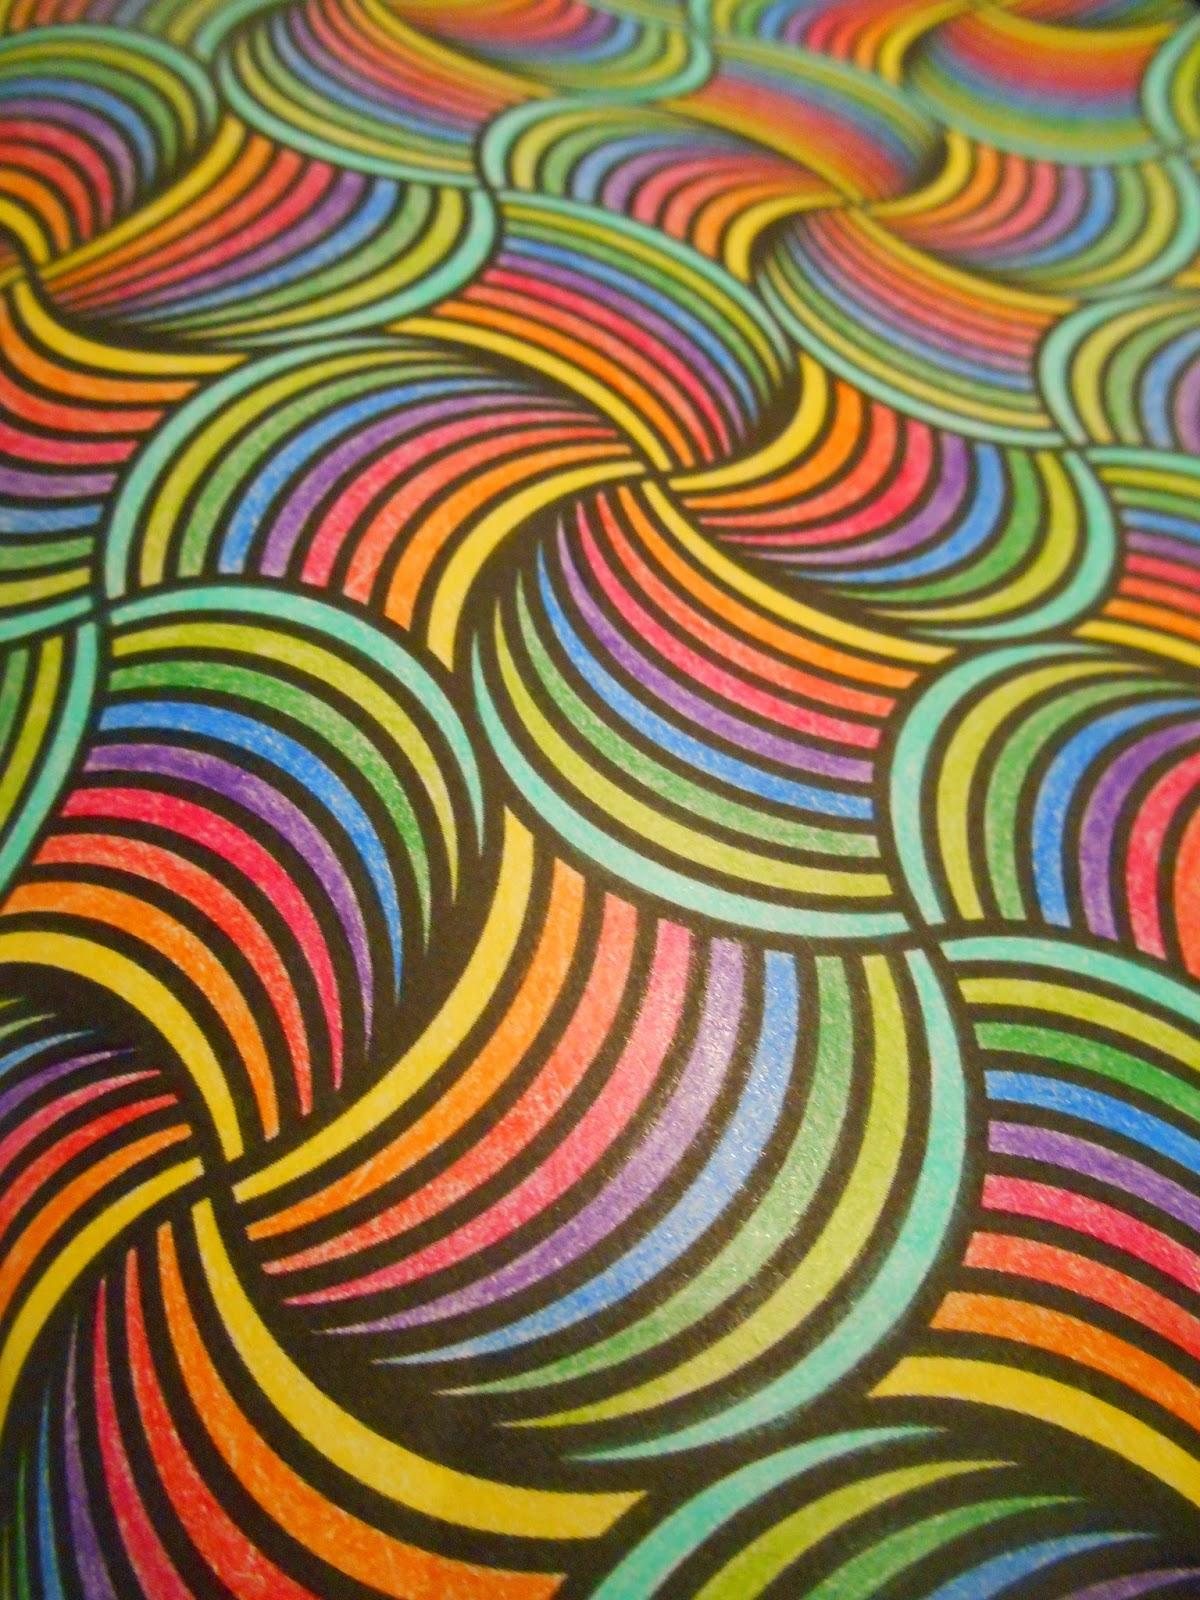 kleurvitality nessy s artwork 1 11 14 1 12 14